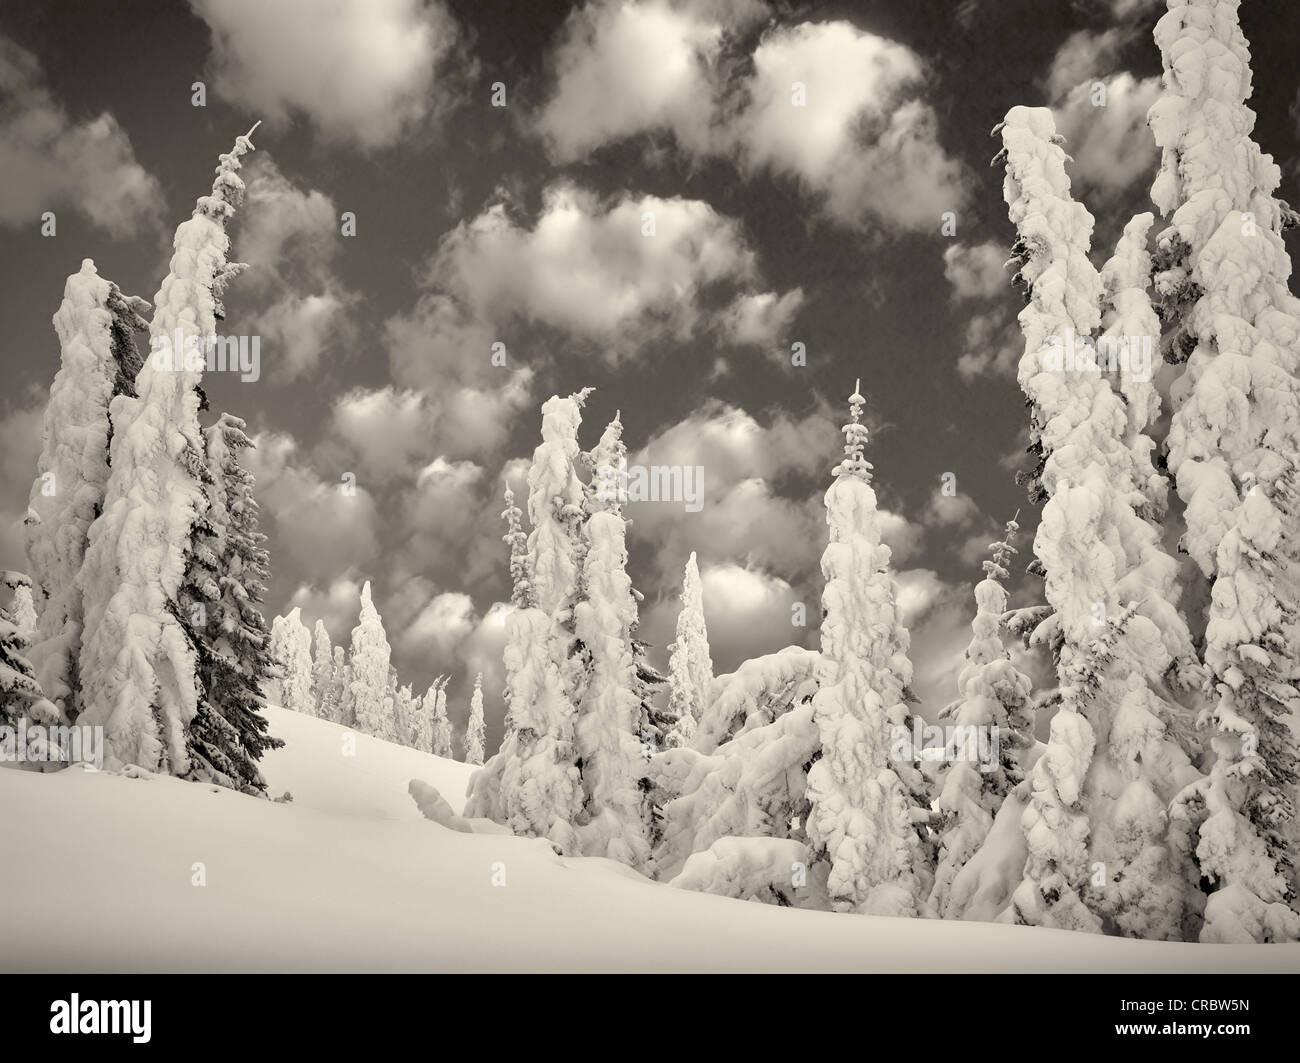 Mucha nieve en los árboles. Mt. Parque Nacional Monte Rainier, Washington Foto de stock